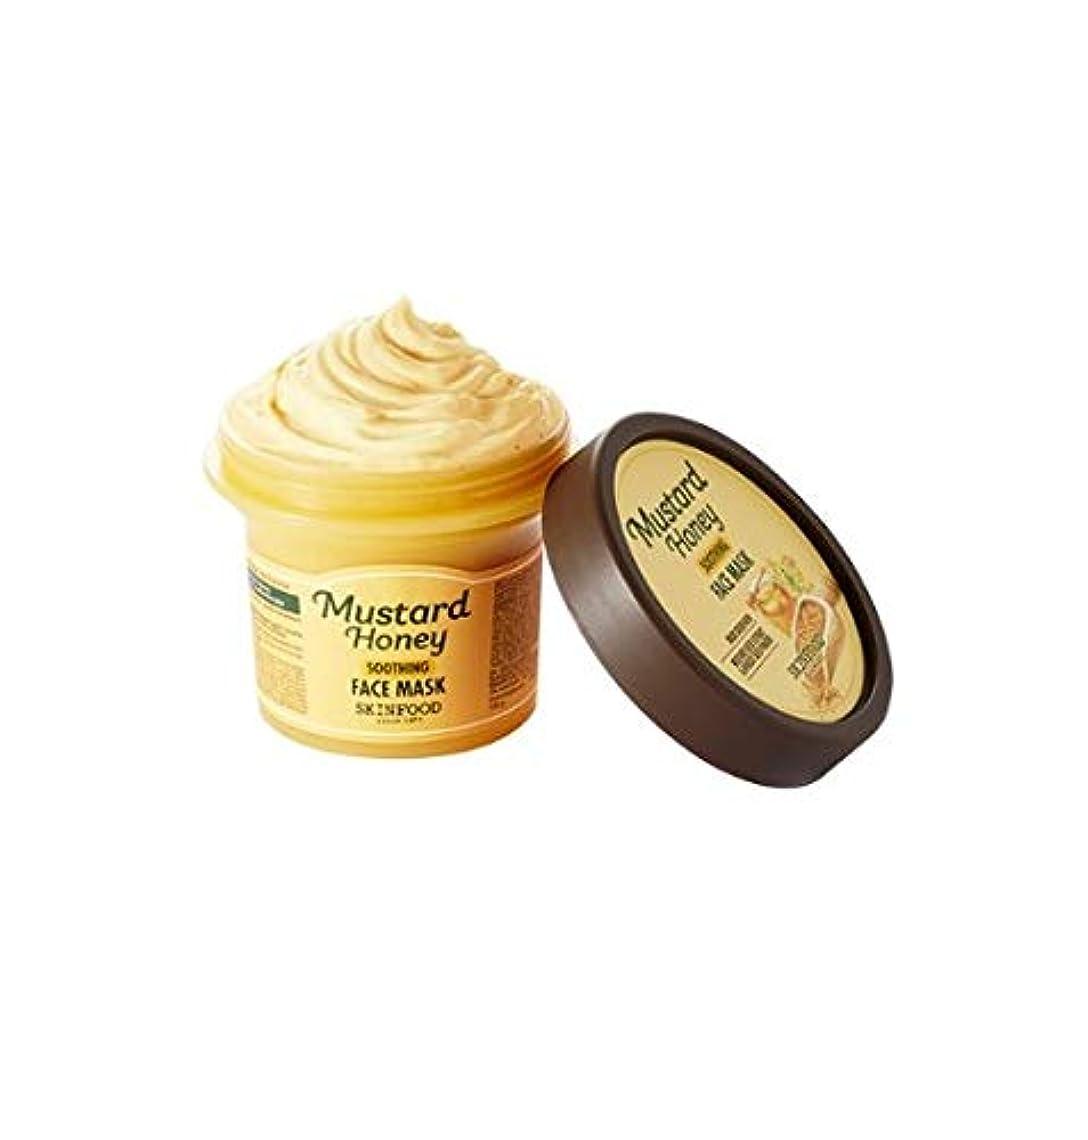 フォーク減らす道路を作るプロセスSkinfood マスタードハニースージングフェイスマスク/mustard honey soothing face mask 100g [並行輸入品]